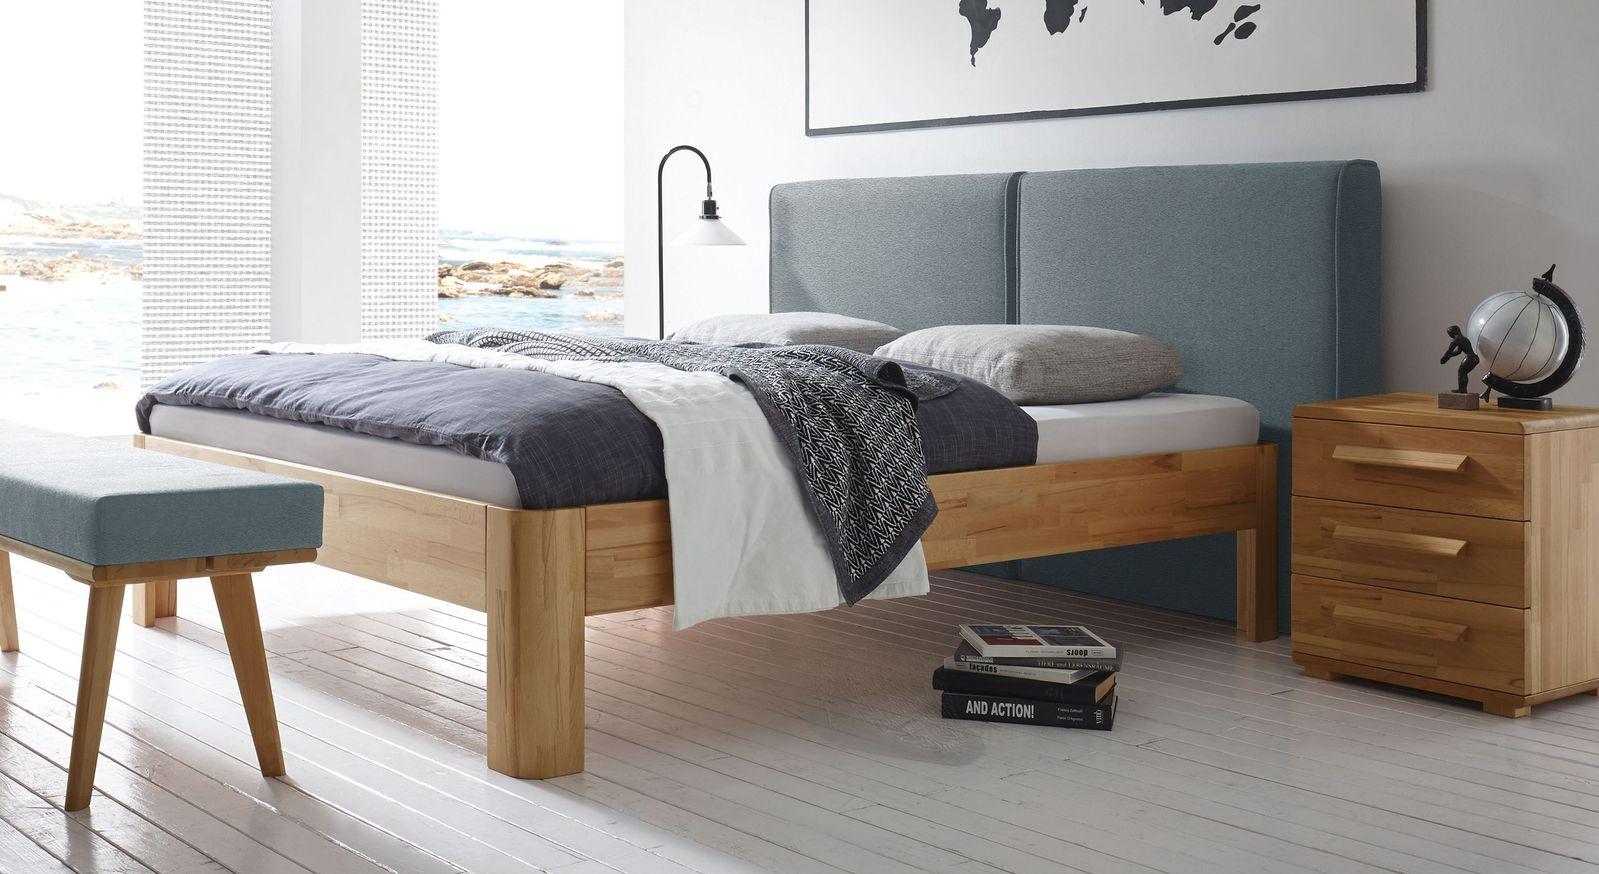 Halterung Kopfteil Bett – Dekoration Bild Idee